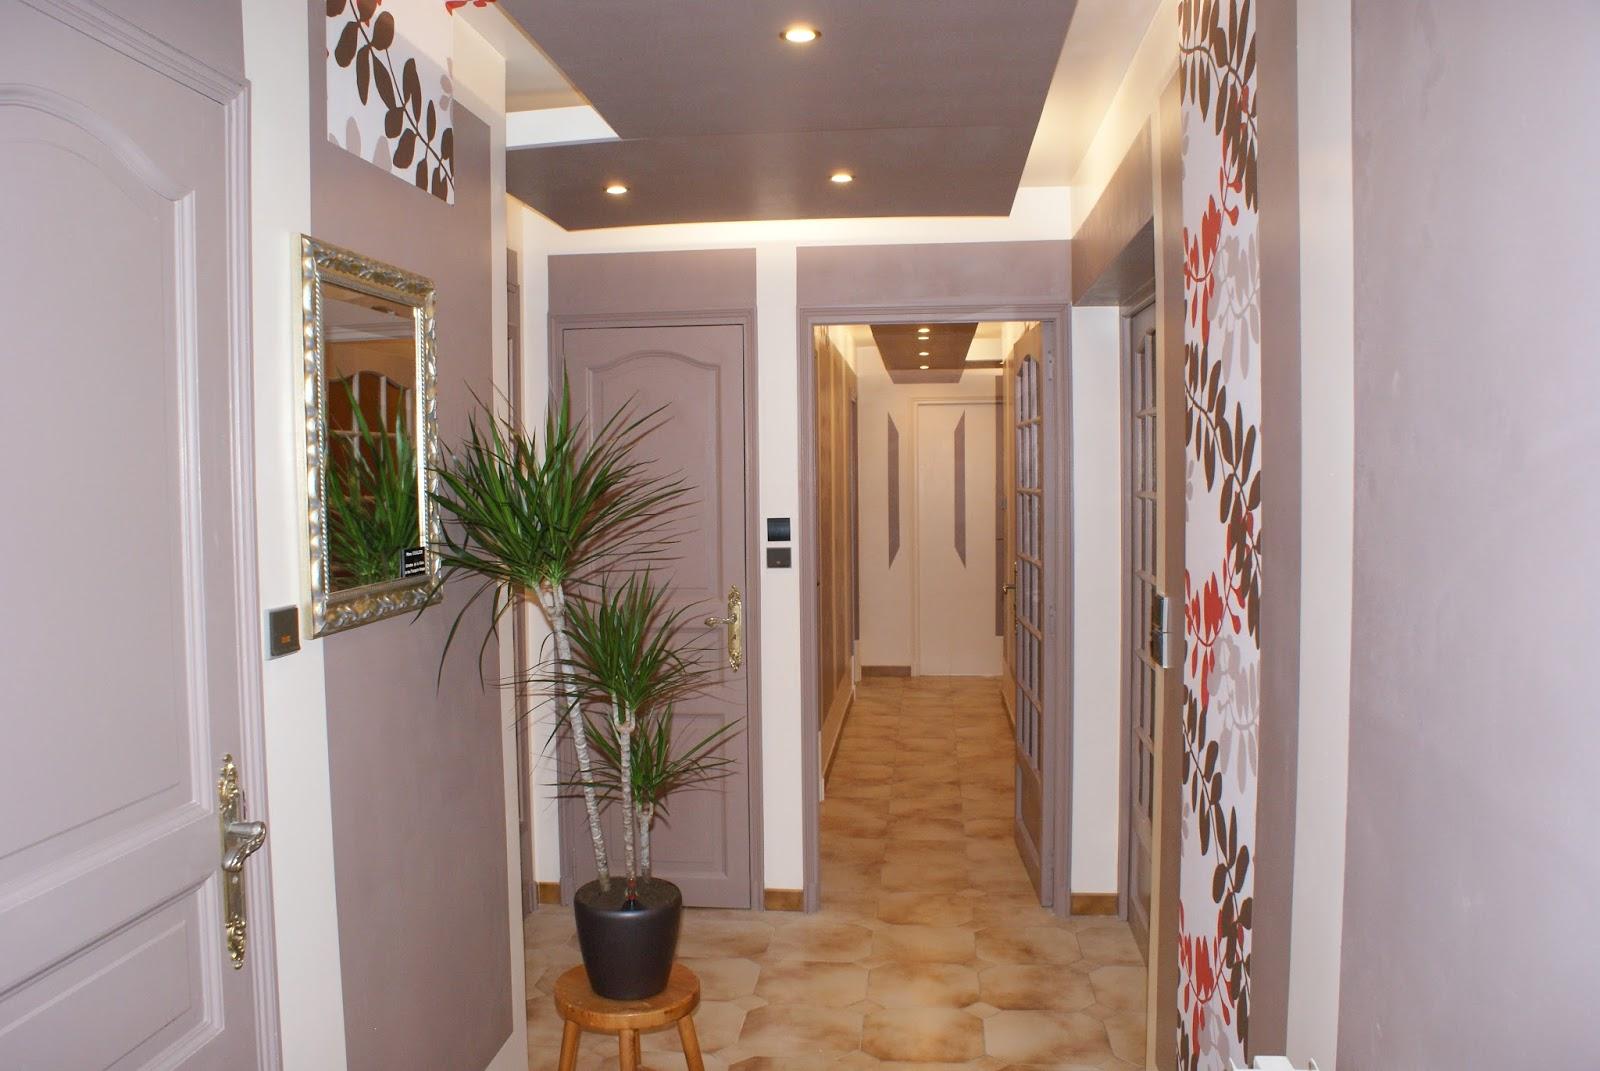 Decor Couloir | Decoration Peinture Interieur Maison Les Sables ...